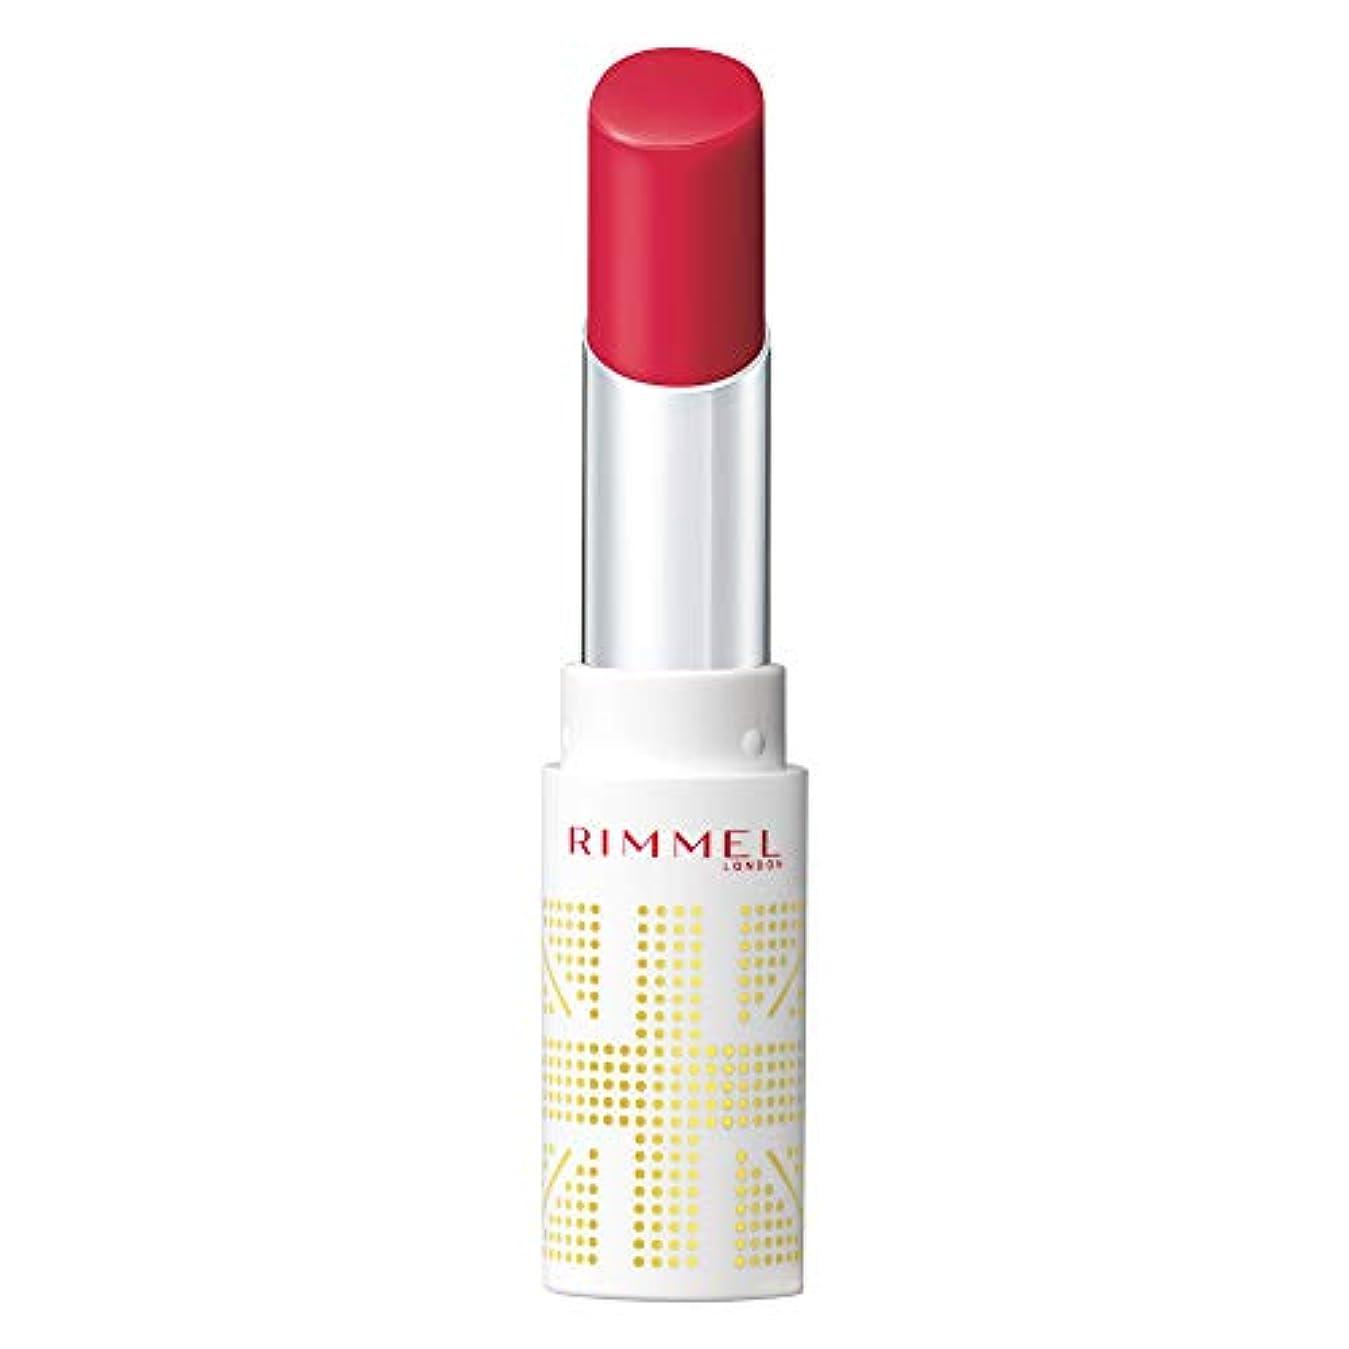 がっかりする値くるみRimmel (リンメル) リンメル ラスティングフィニッシュ オイルティントリップ 001 ベリーピンク 3.8g 口紅